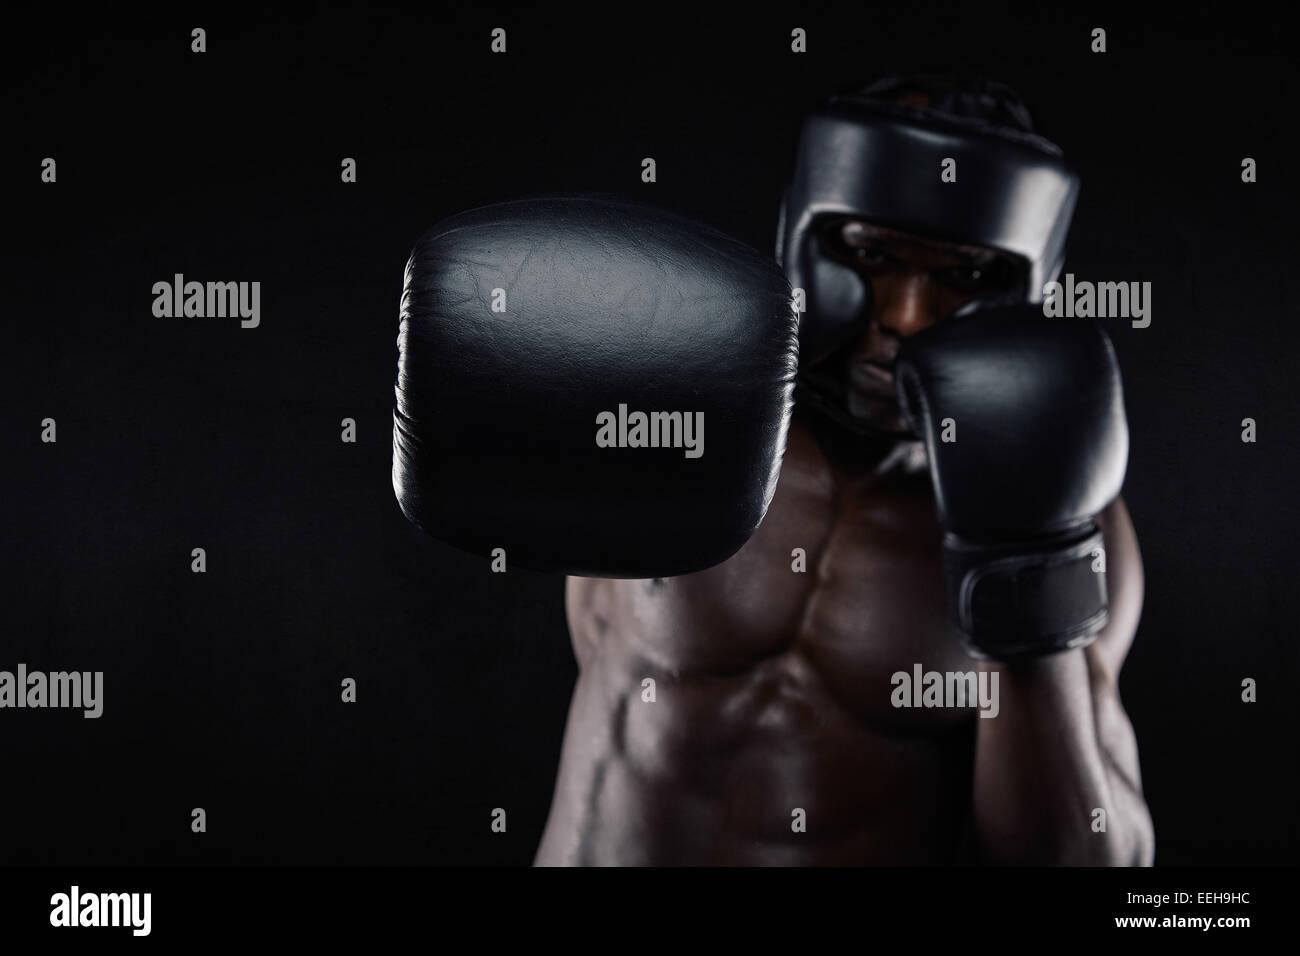 Jeune homme musclé pratiquer la boxe. African Male lancer punch vers la caméra à l'arrière-plan noir. Bon jeune Banque D'Images